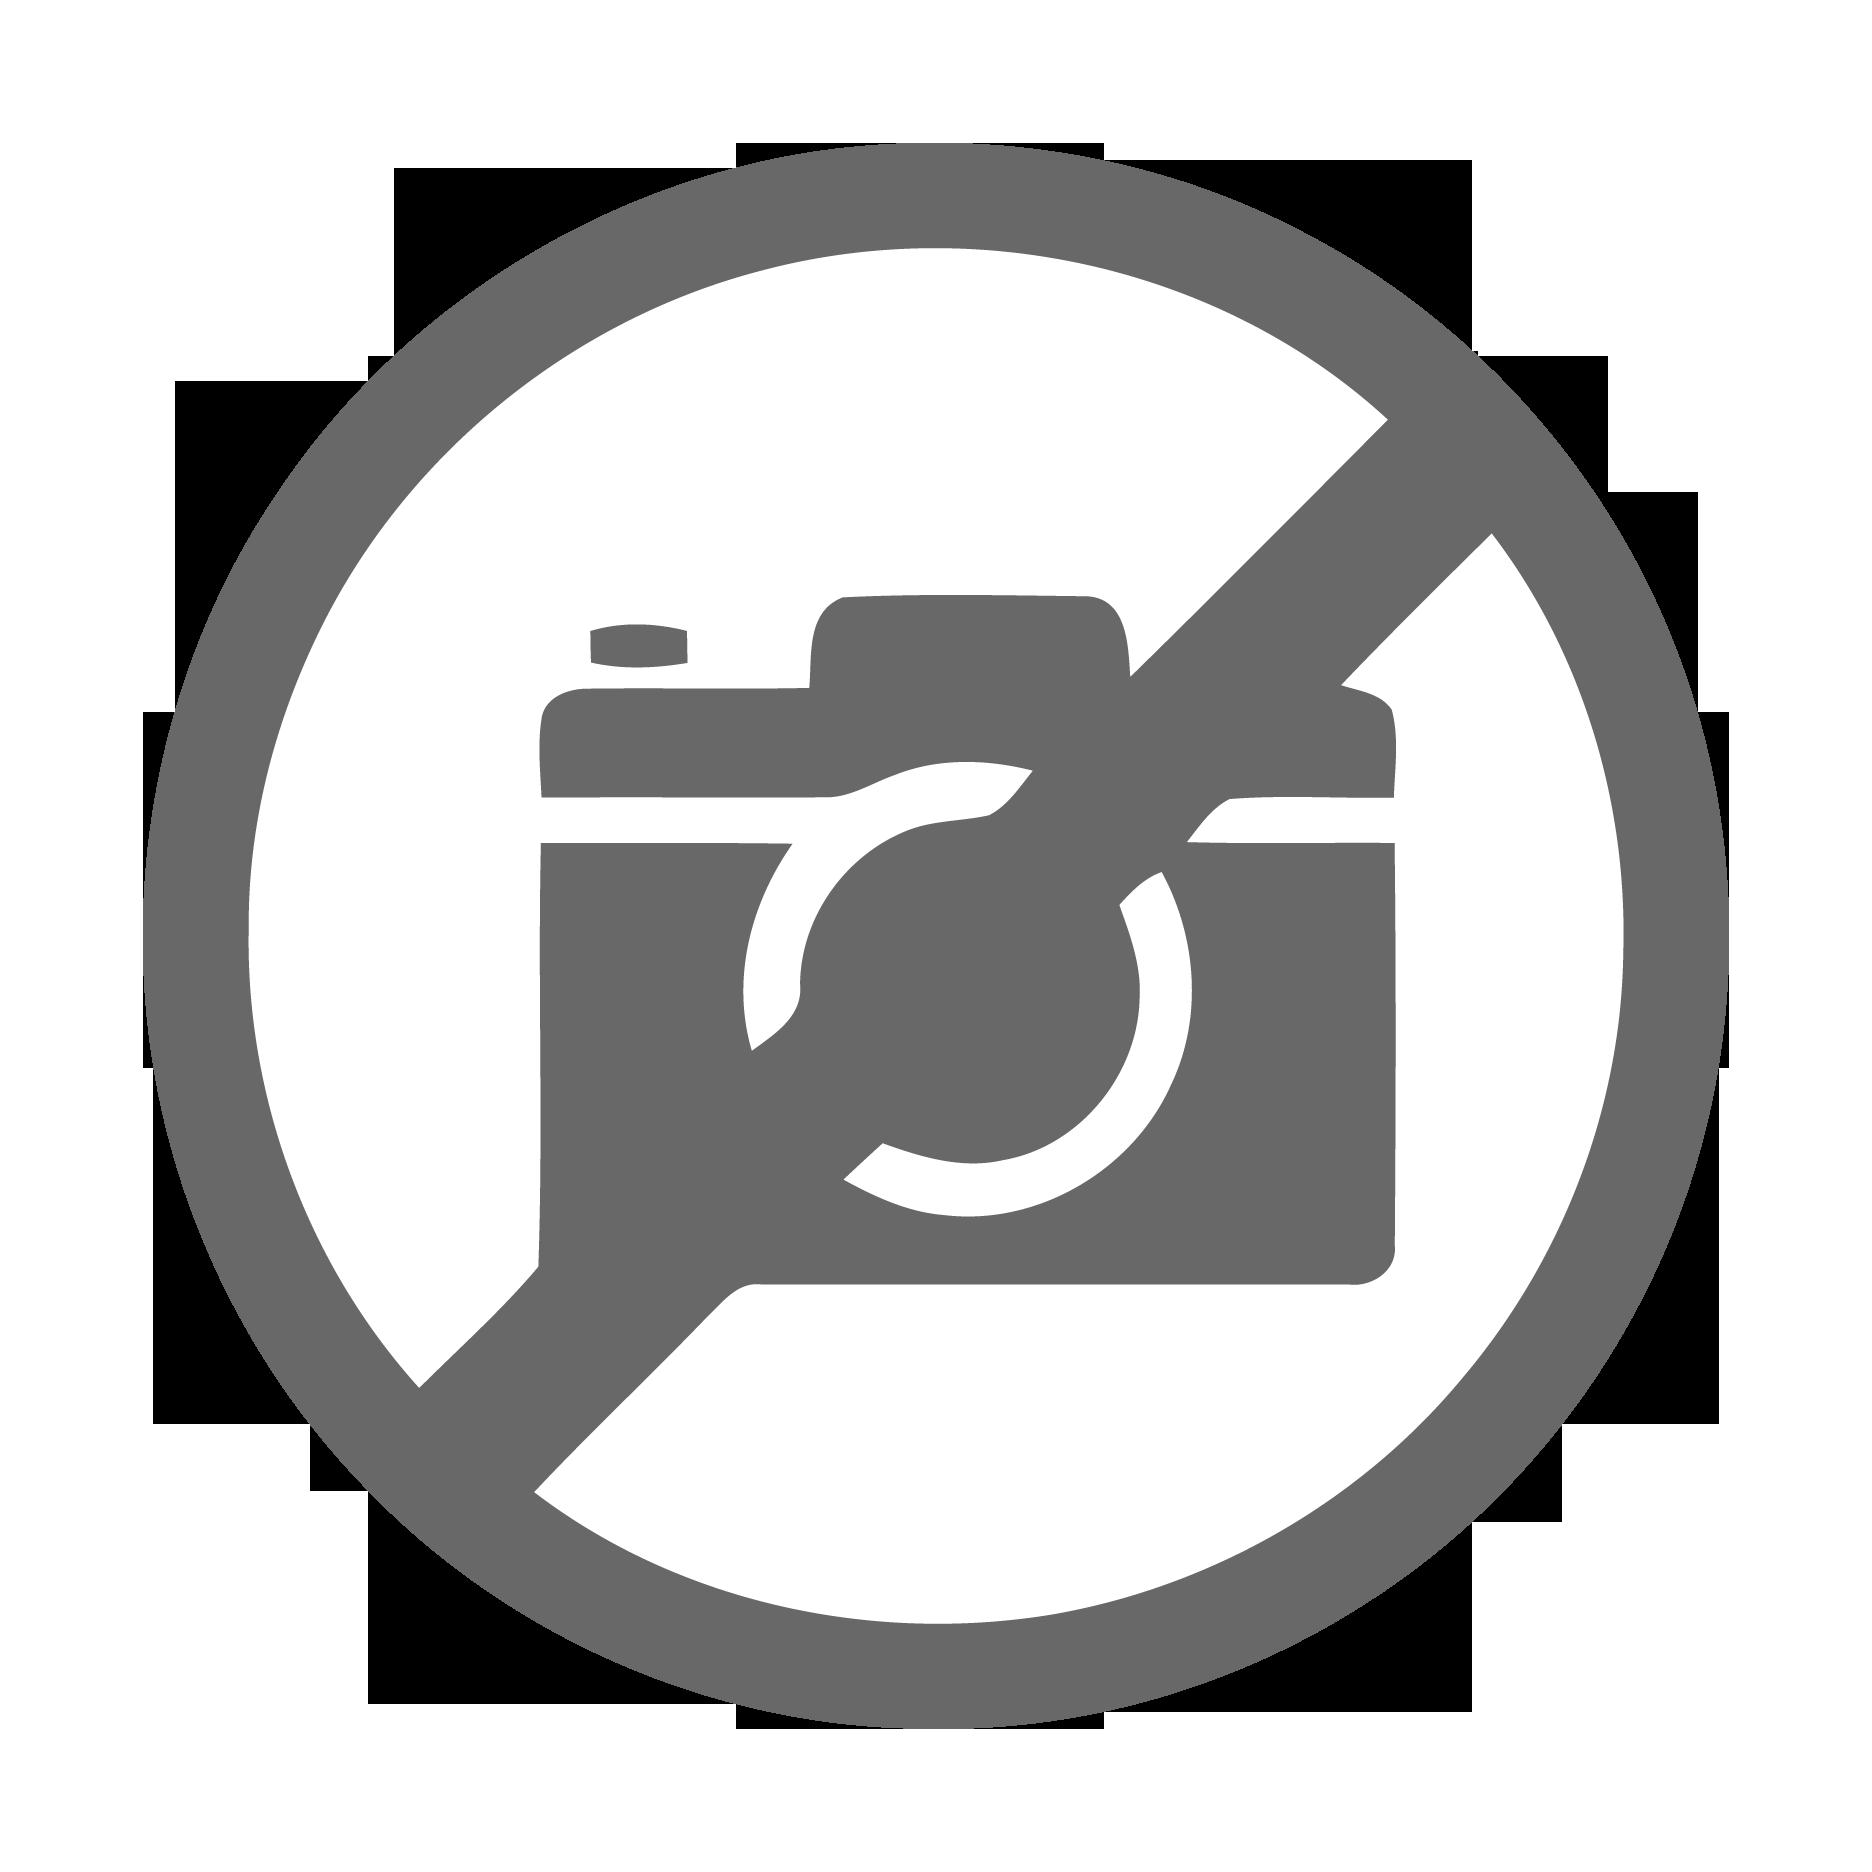 Ефирна сатенена пола с висока талия в червено